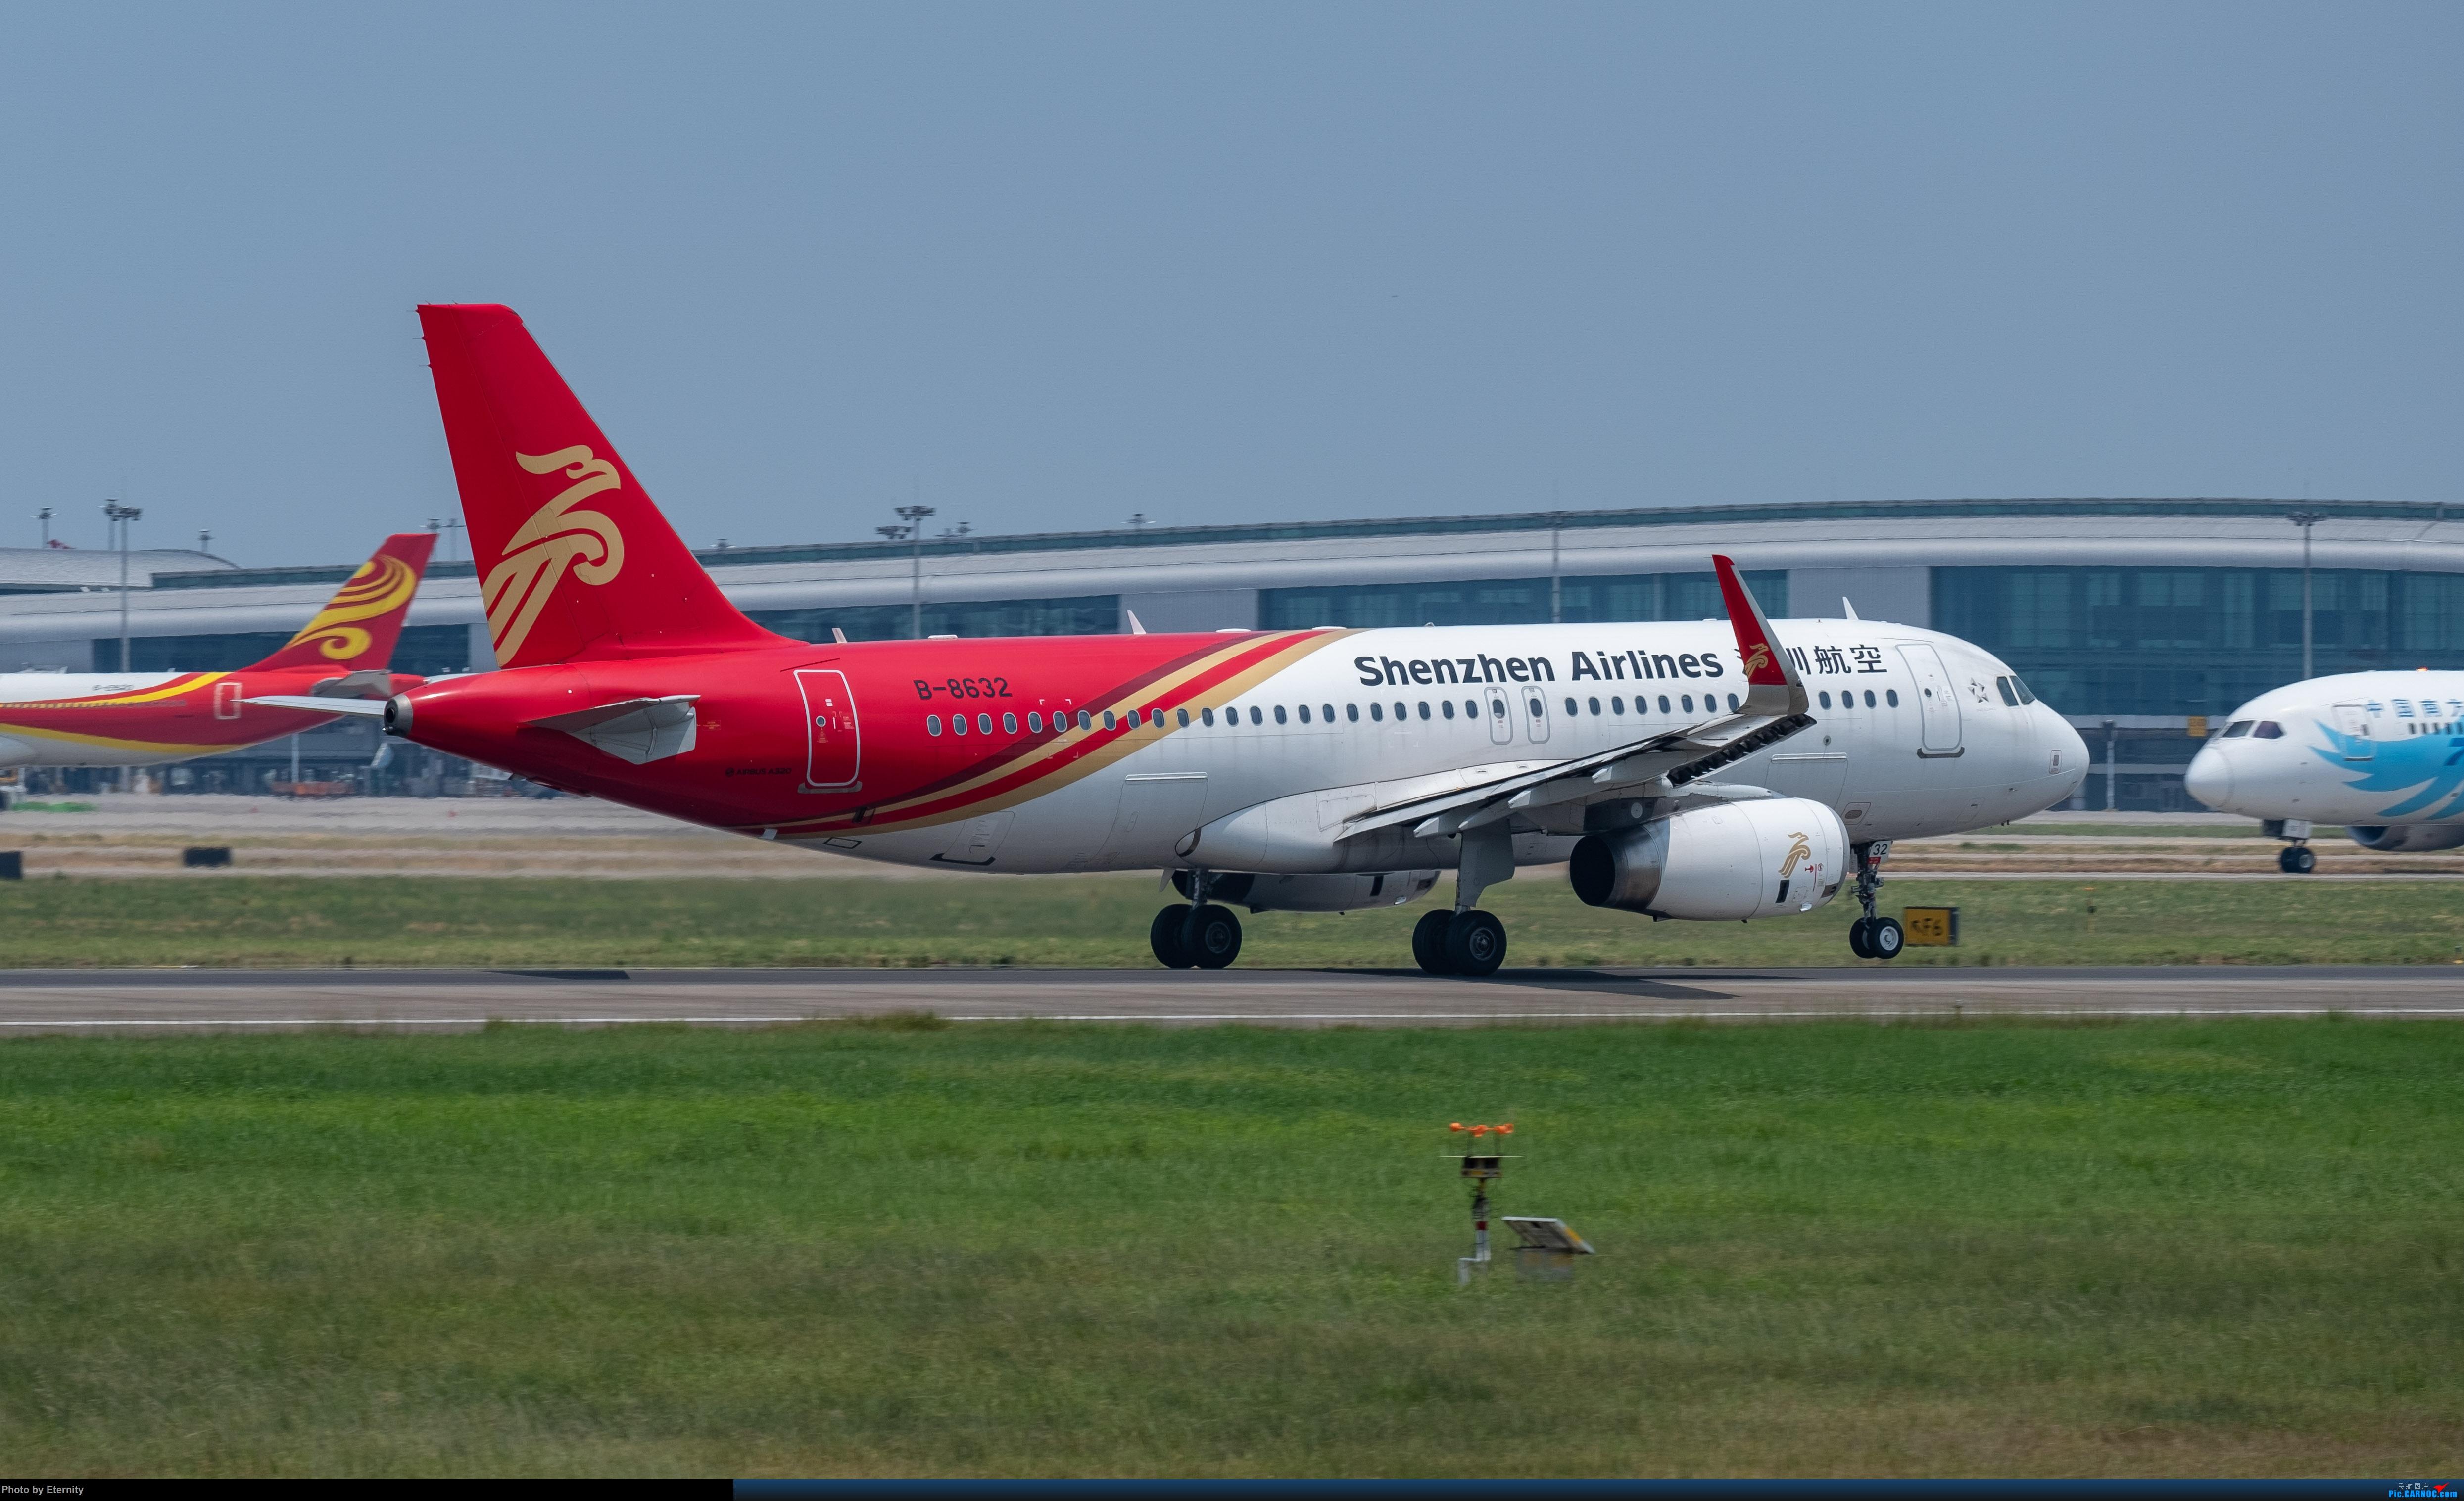 Re:[原创]后疫情期间的暑假国内游 | 西安-上海-广州-成都 | 体验国内3条干线 | 吉祥航空787 | 南航350 | 海航737 AIRBUS A320-200 B-8632 中国广州白云国际机场